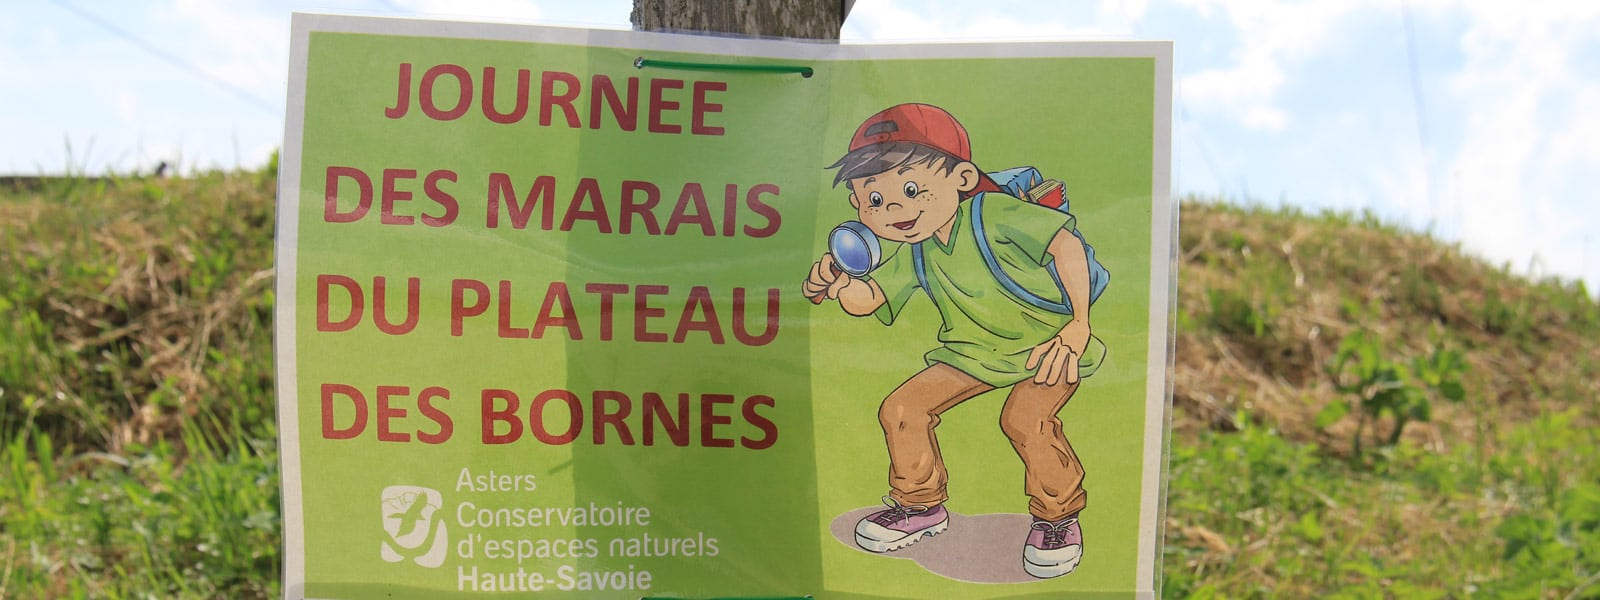 Journee-des-Marais-2015-Banner